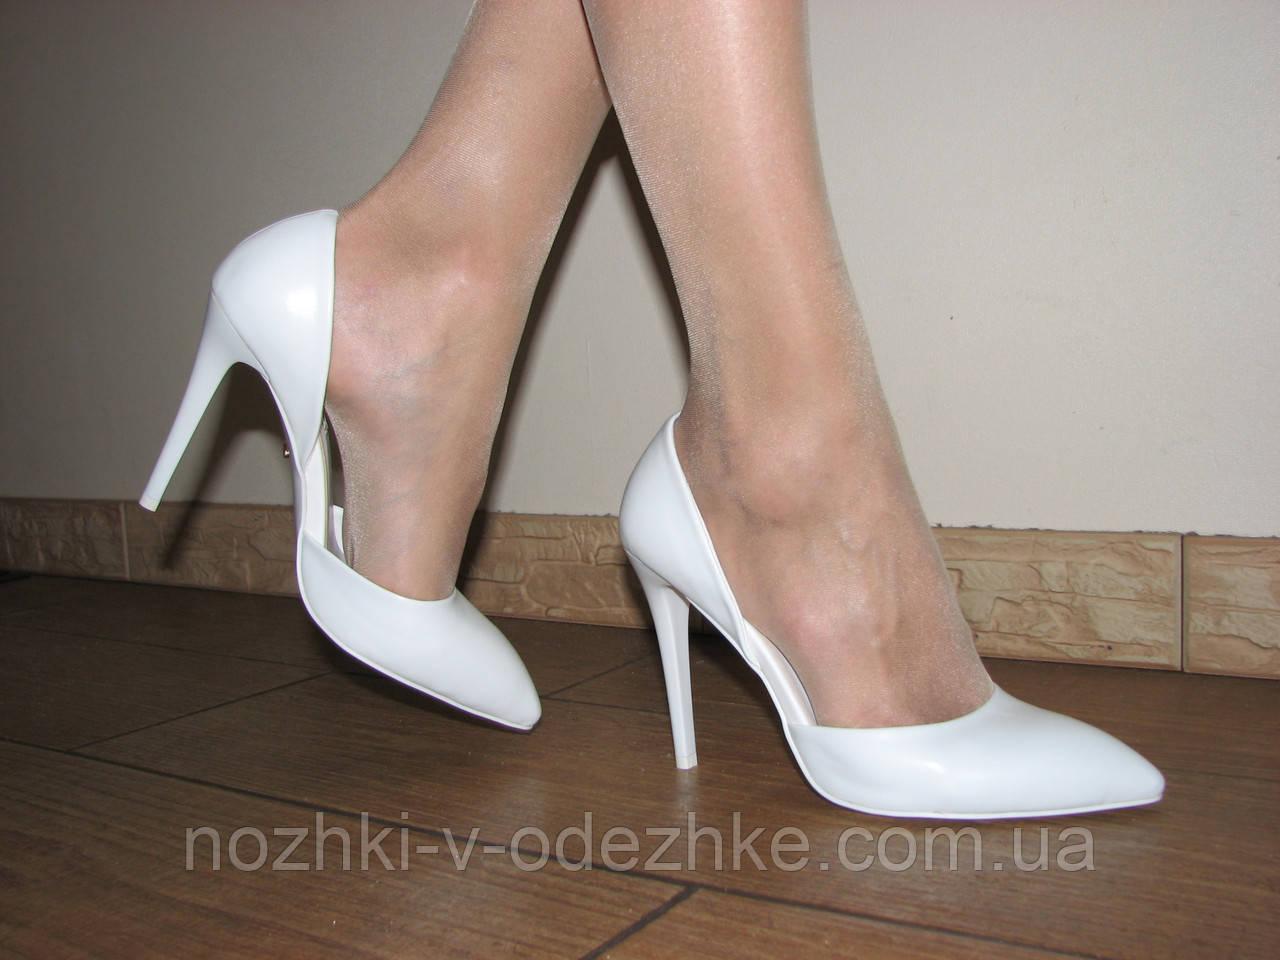 837add889d60 Женские белые лаковые туфли лодочки на шпильке открытые бока 38 на стопу  24,8 см